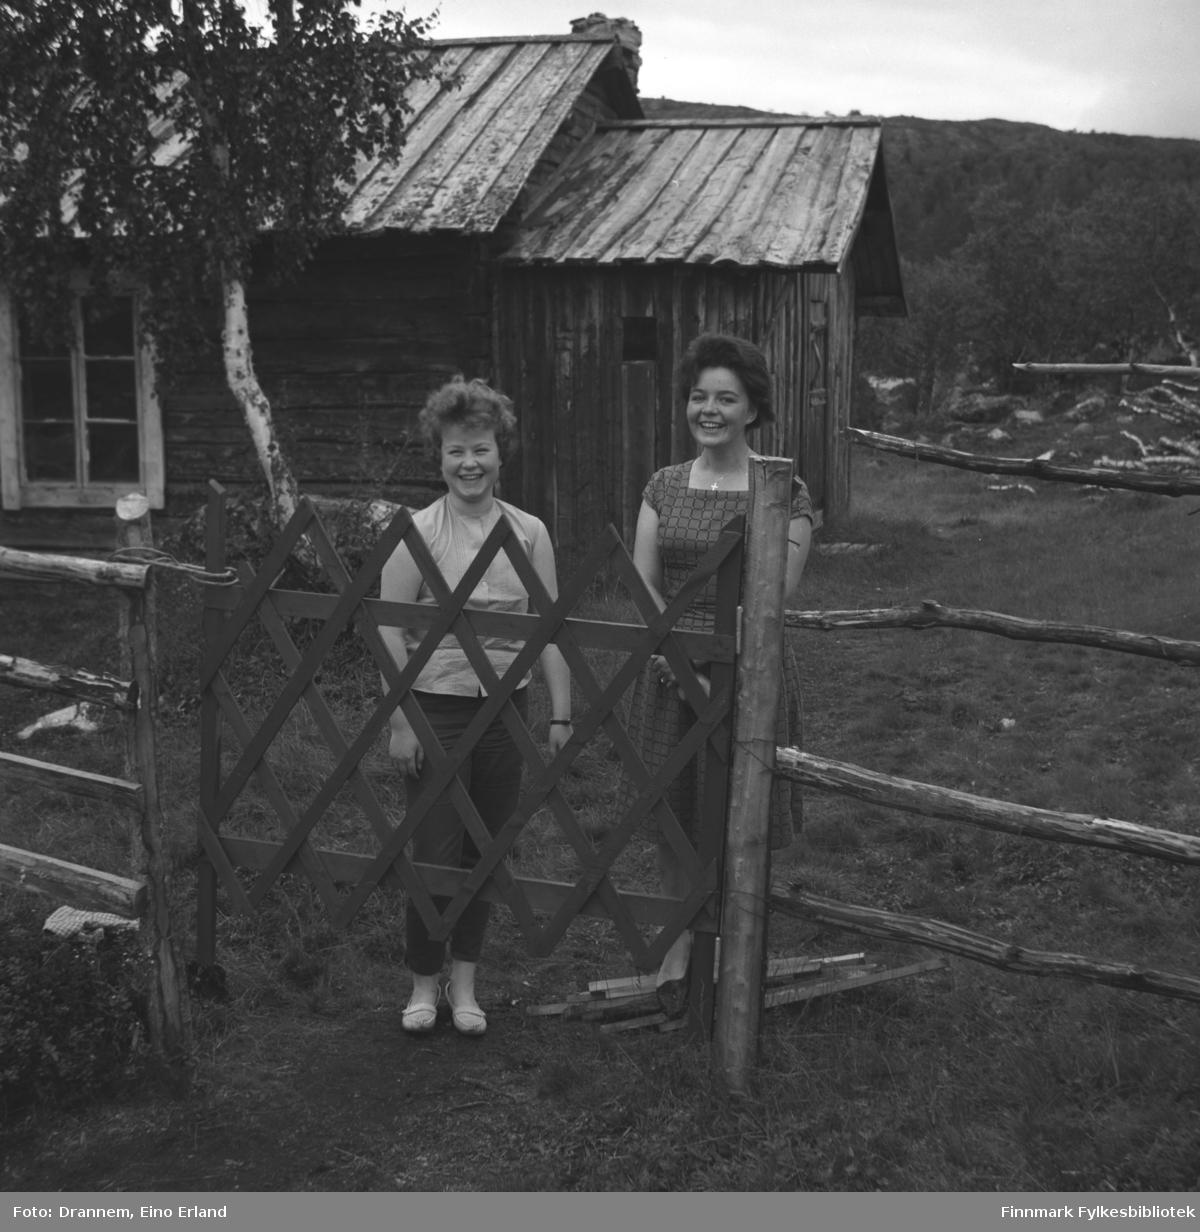 Turid Karikoski og Maija fotografert på en gårdsplass.